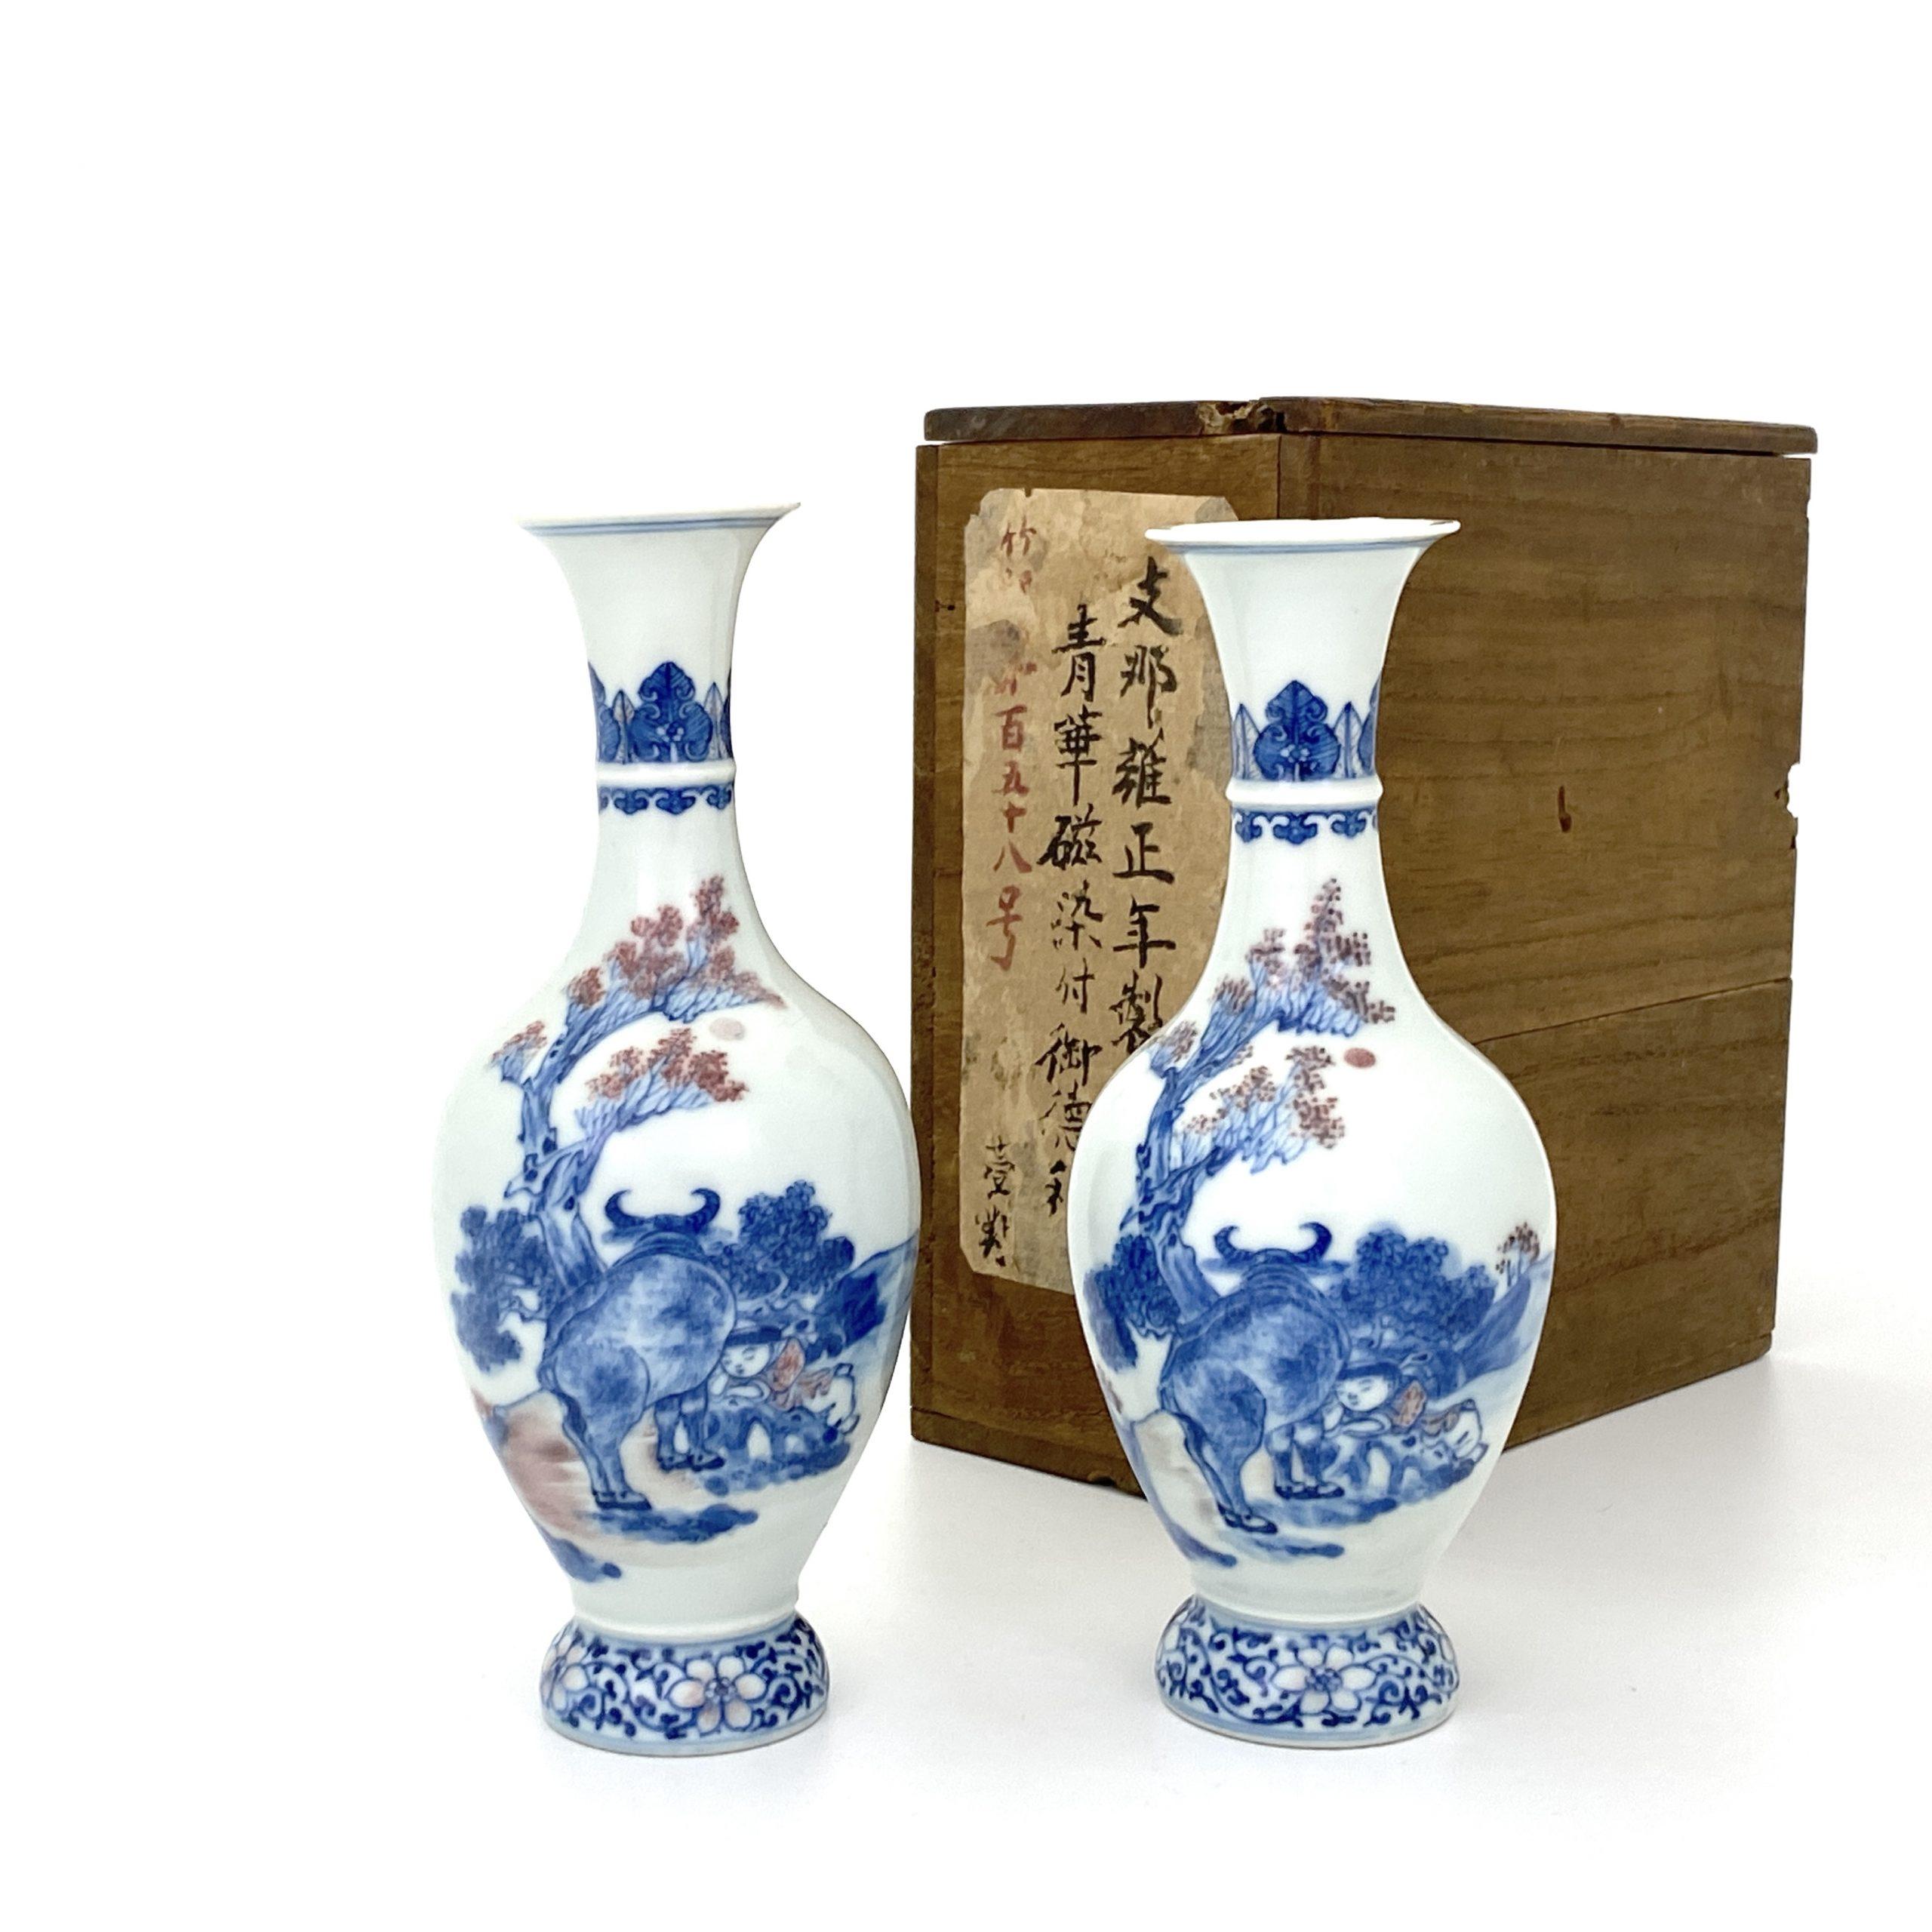 21680清「雍正年製」款 青花釉裏紅 牧童子図 瓶 一対